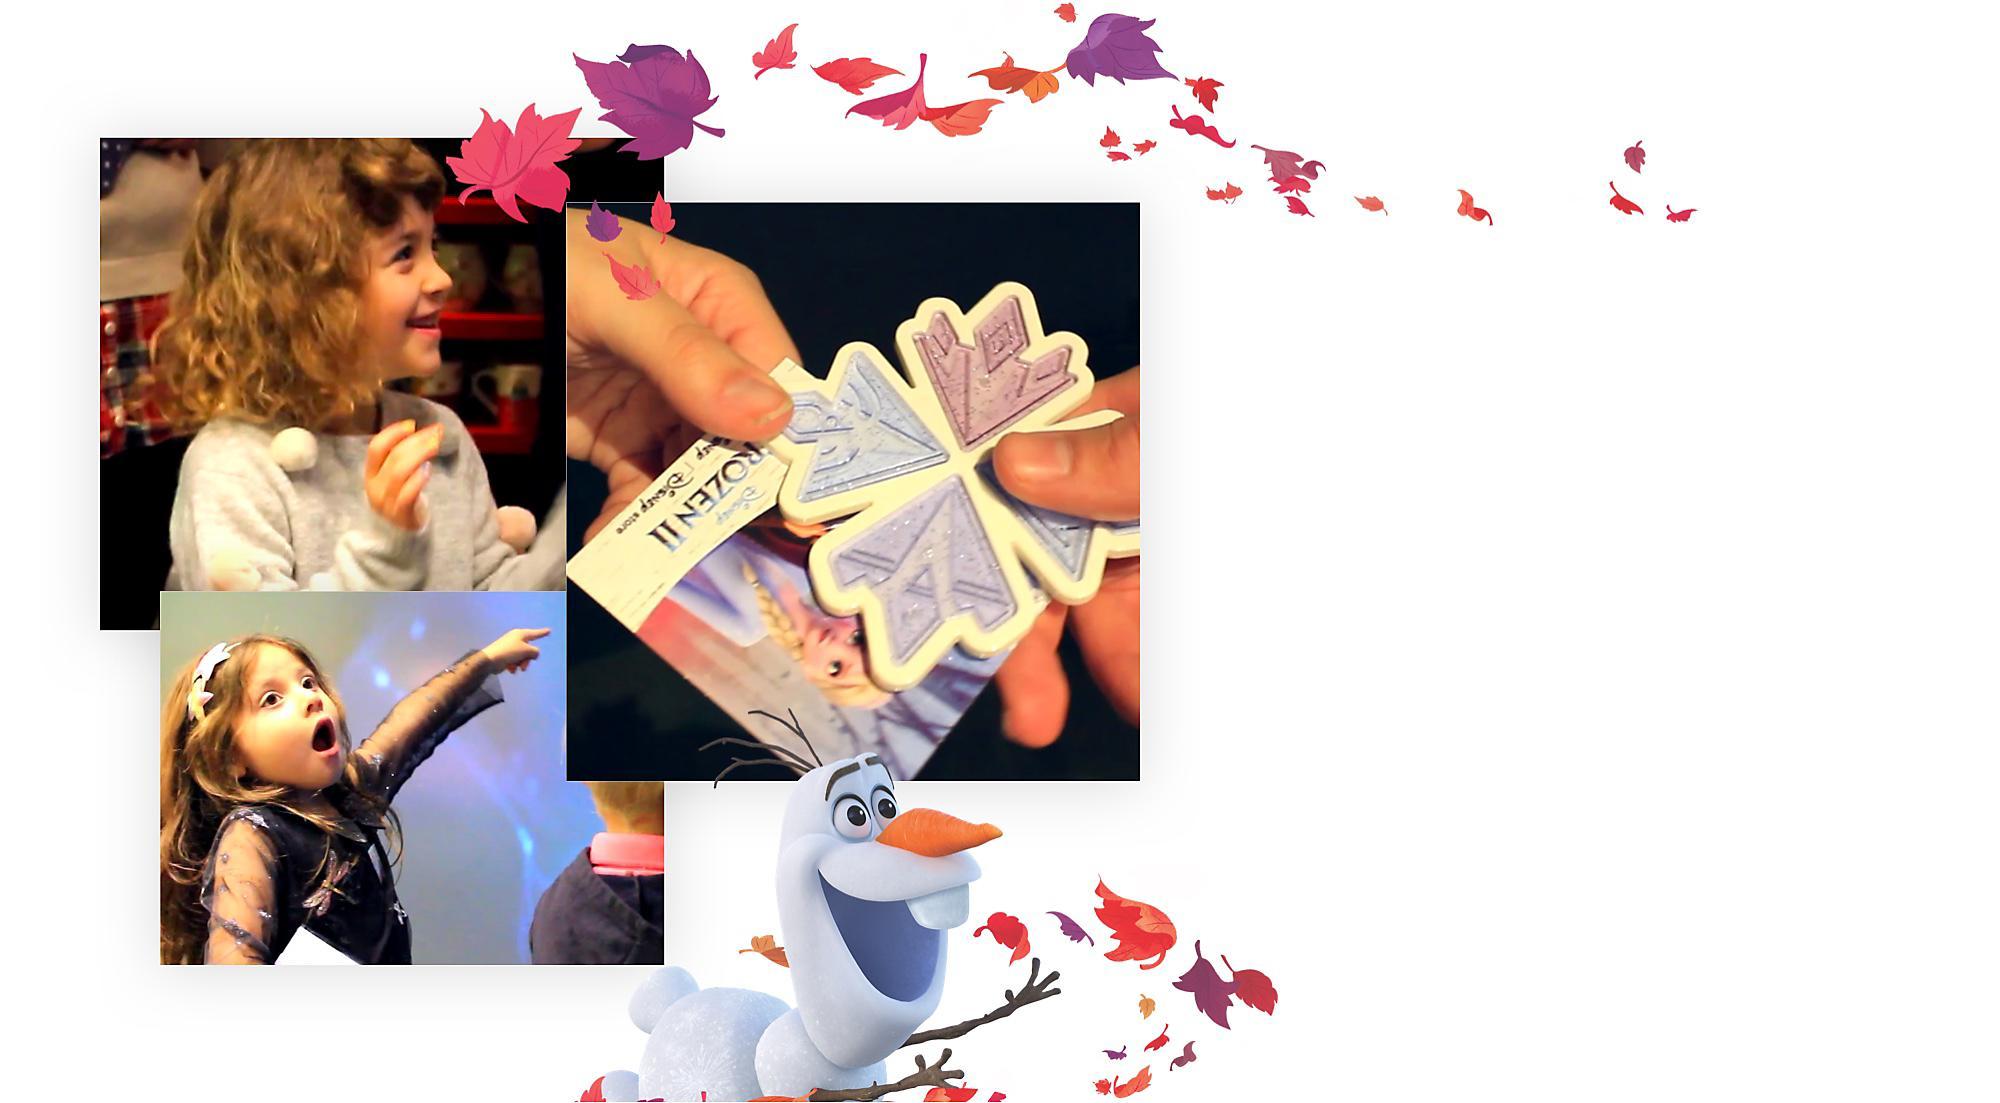 Viaggia nell'ignoto con la nostra avventura di Frozen 2! I primi 100 fortunati riceveranno anche una speciale decorazione di Frozen 2, fino ad esaurimento scorte.   Date e orari: sabato 7 e domenica 8 dicembre alle 11:00 sabato 14 e domenica 14 dicembre alle ore 11:00 sabato 28 e domenica 29 dicembre alle ore 11:00  Solo in Store selezionati. Contatta lo Store più vicino per maggiori informazioni. Attività adatte a bambini di più di 3 anni.